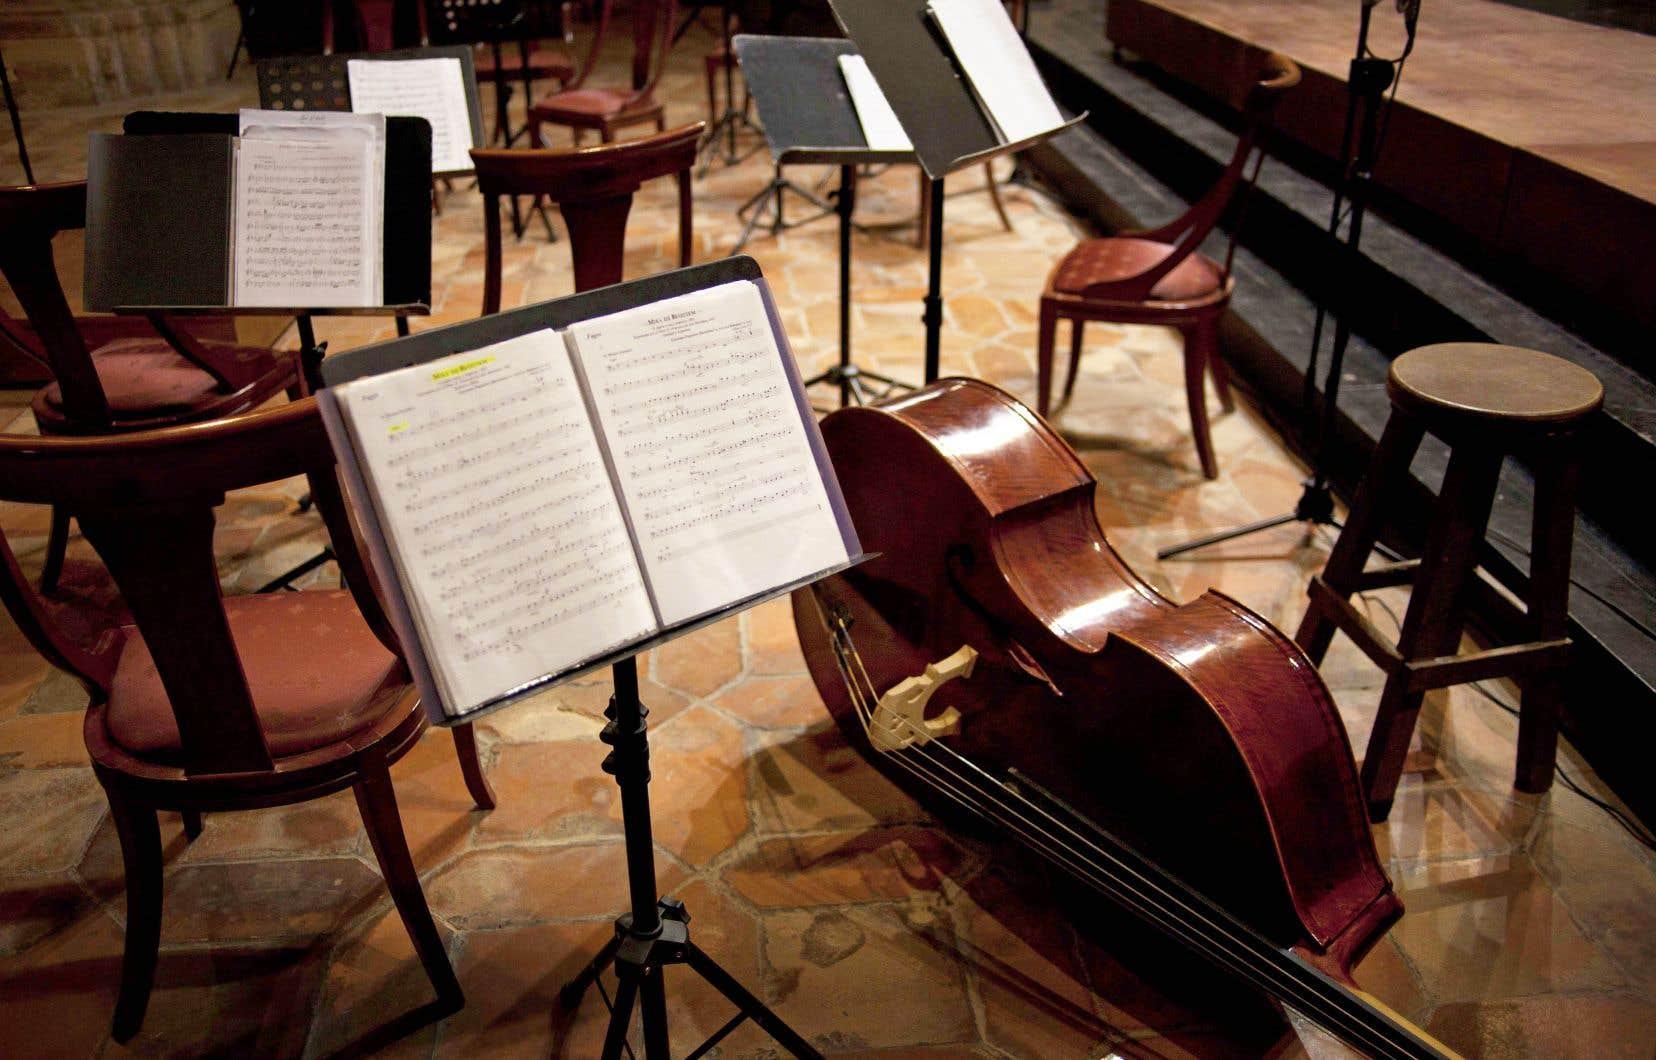 «Il y a une mentalité voulant que la musique des compositeurs vivants ne soit pas essentielle. S'il faut couper dans le gras, on coupera plutôt sur la création que sur l'engagement du soliste à la mode du moment», craint Simon Bertrand, qui pense qu'il faut, au contraire, profiter d'un «